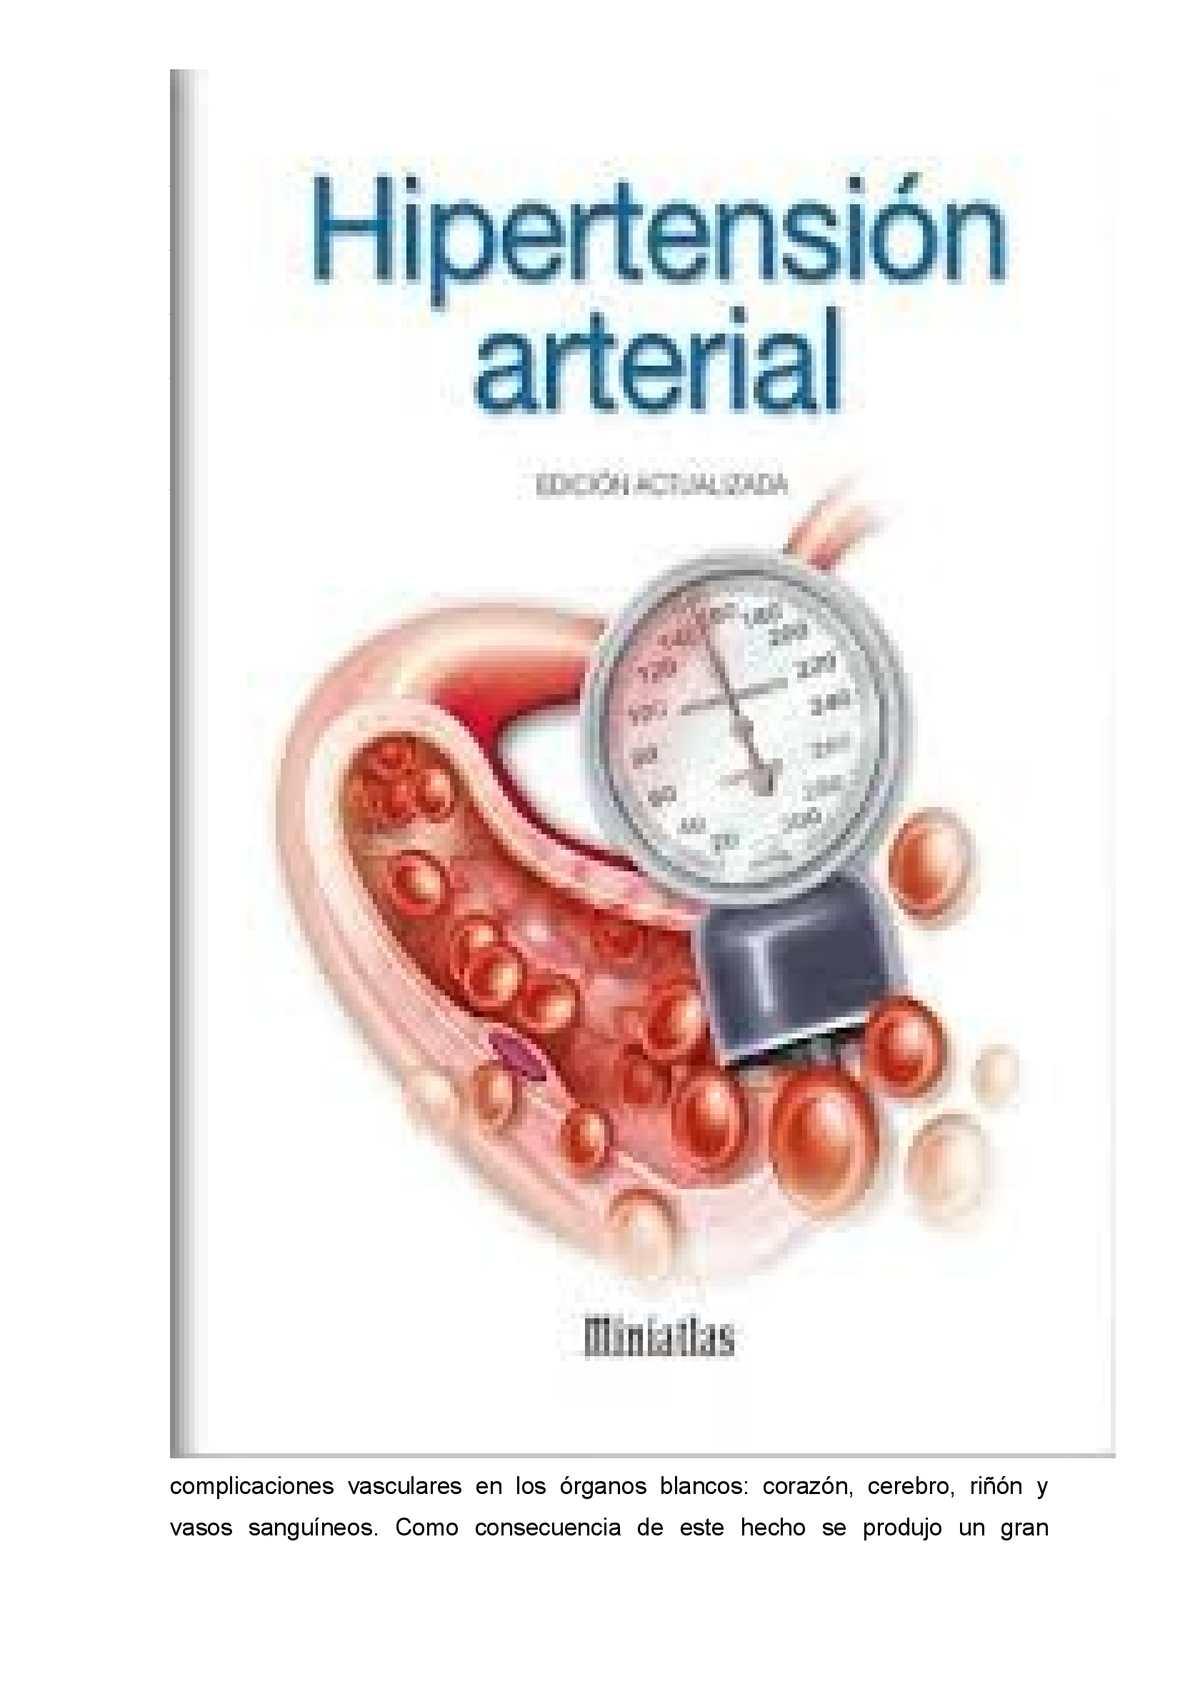 Hipertensión arterial vasos sanguíneos retinianos